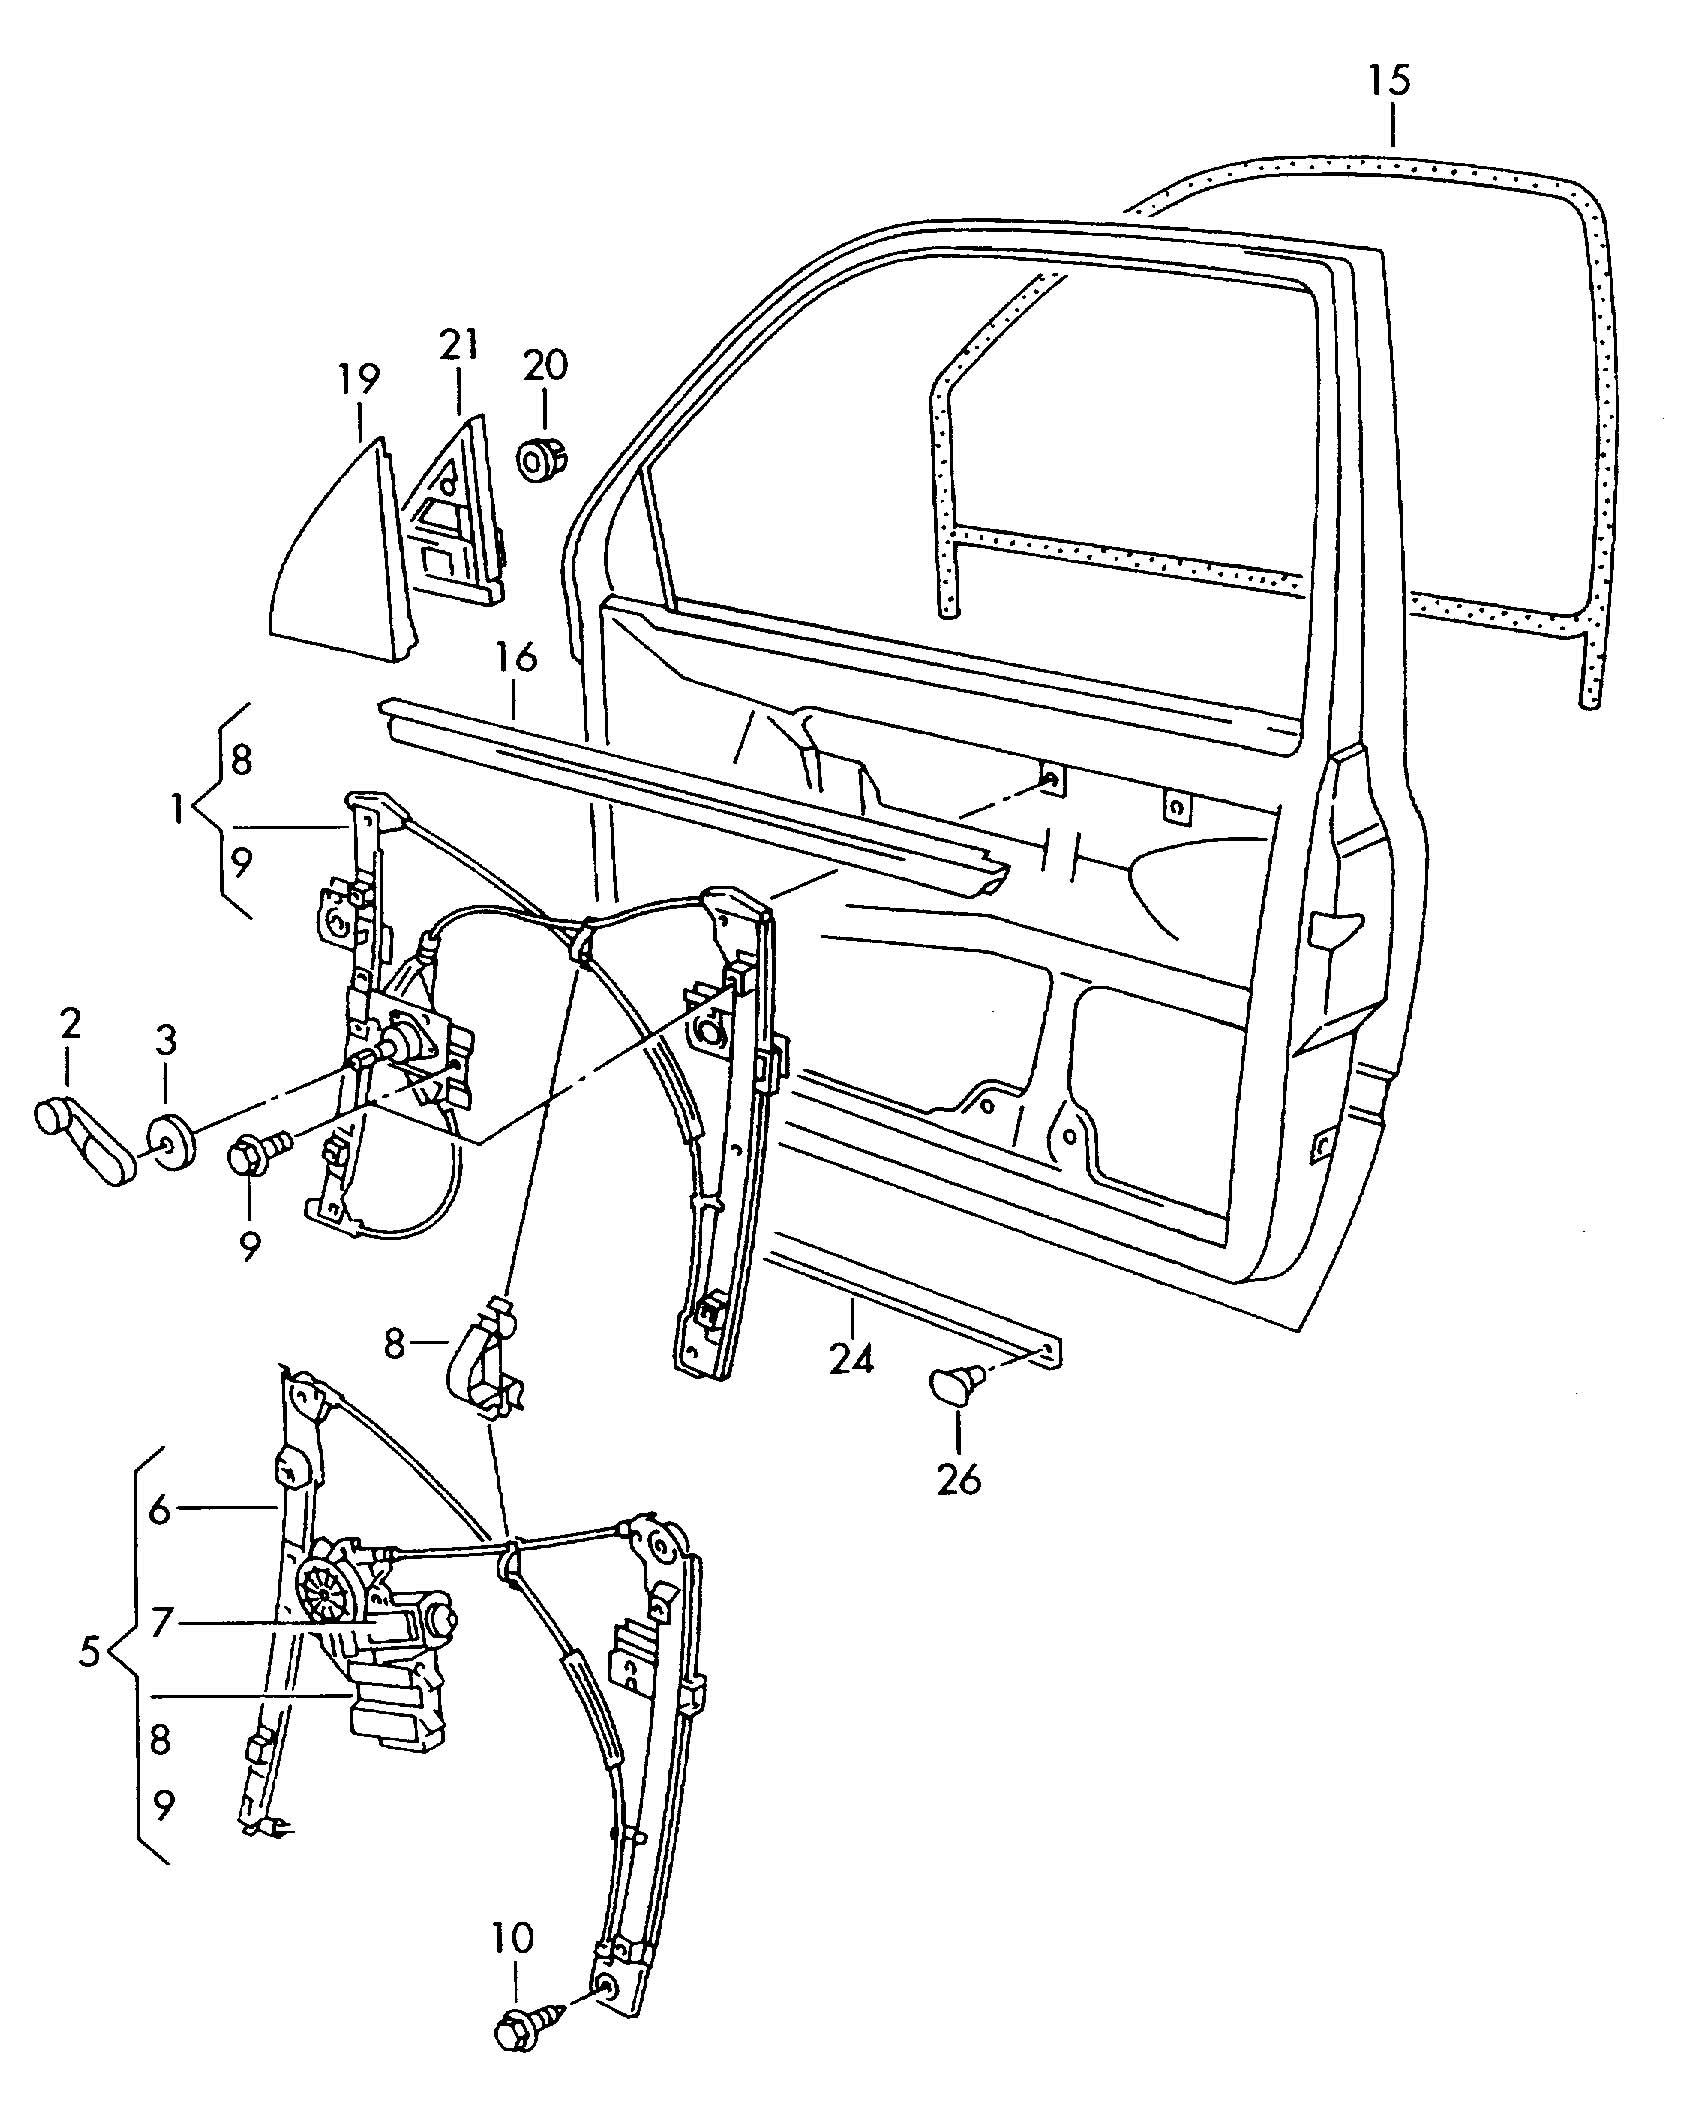 Volkswagen Jetta Dealer Parts: BROSE 1H0959801A LEFT Window Lifter Motor For VOLKSWAGEN